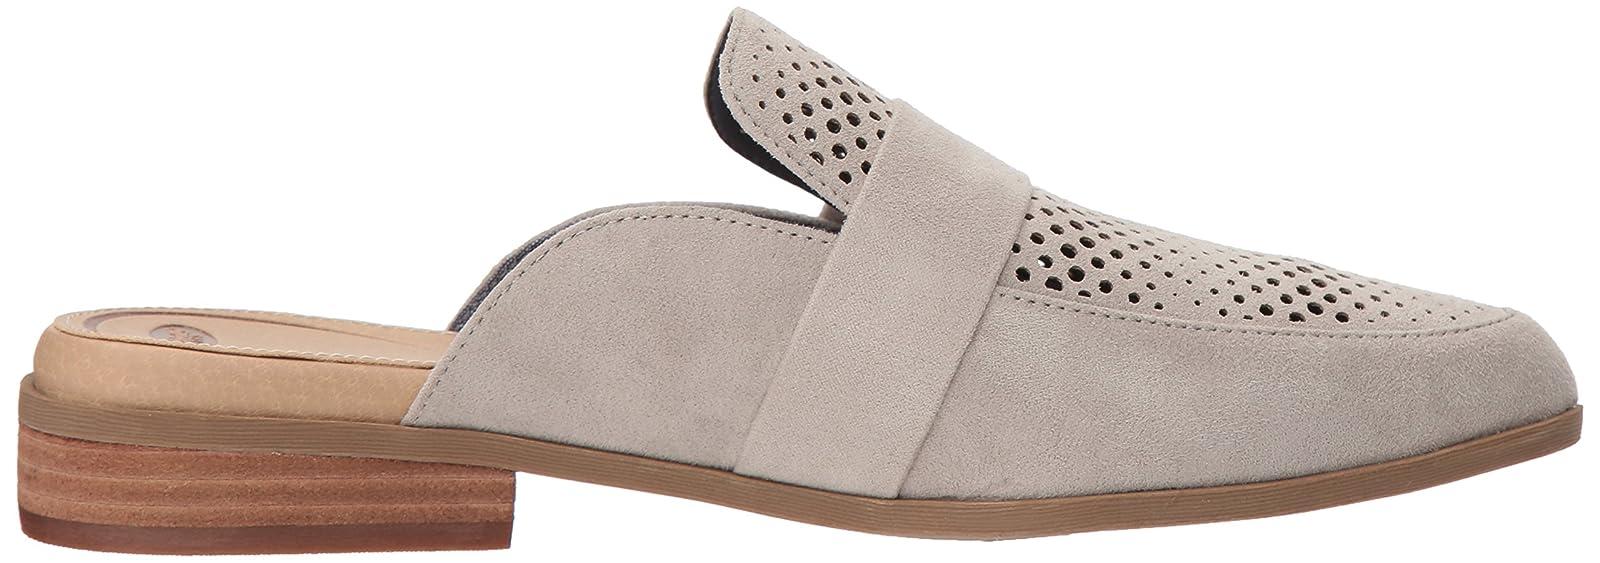 Dr. Scholl's Shoes Women's Exact Chop Mule F6419F1 - 7